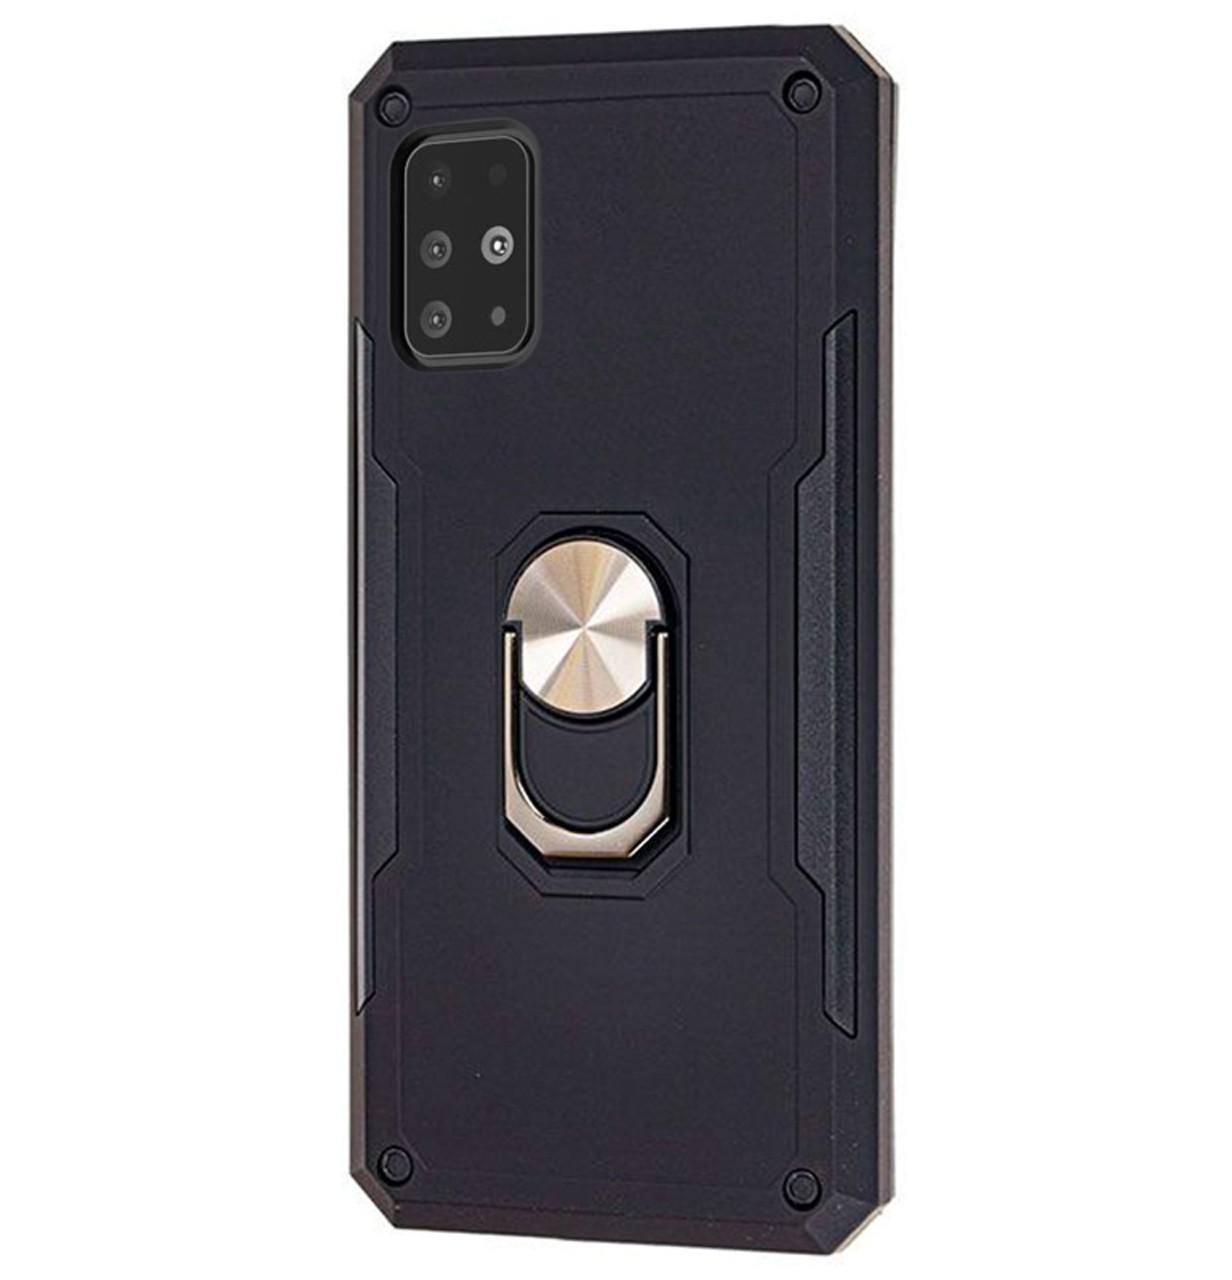 Ударопрочный чехол SG Ring Color с креплением под магнитный держатель для Samsung Galaxy A51 SM-A515F Black